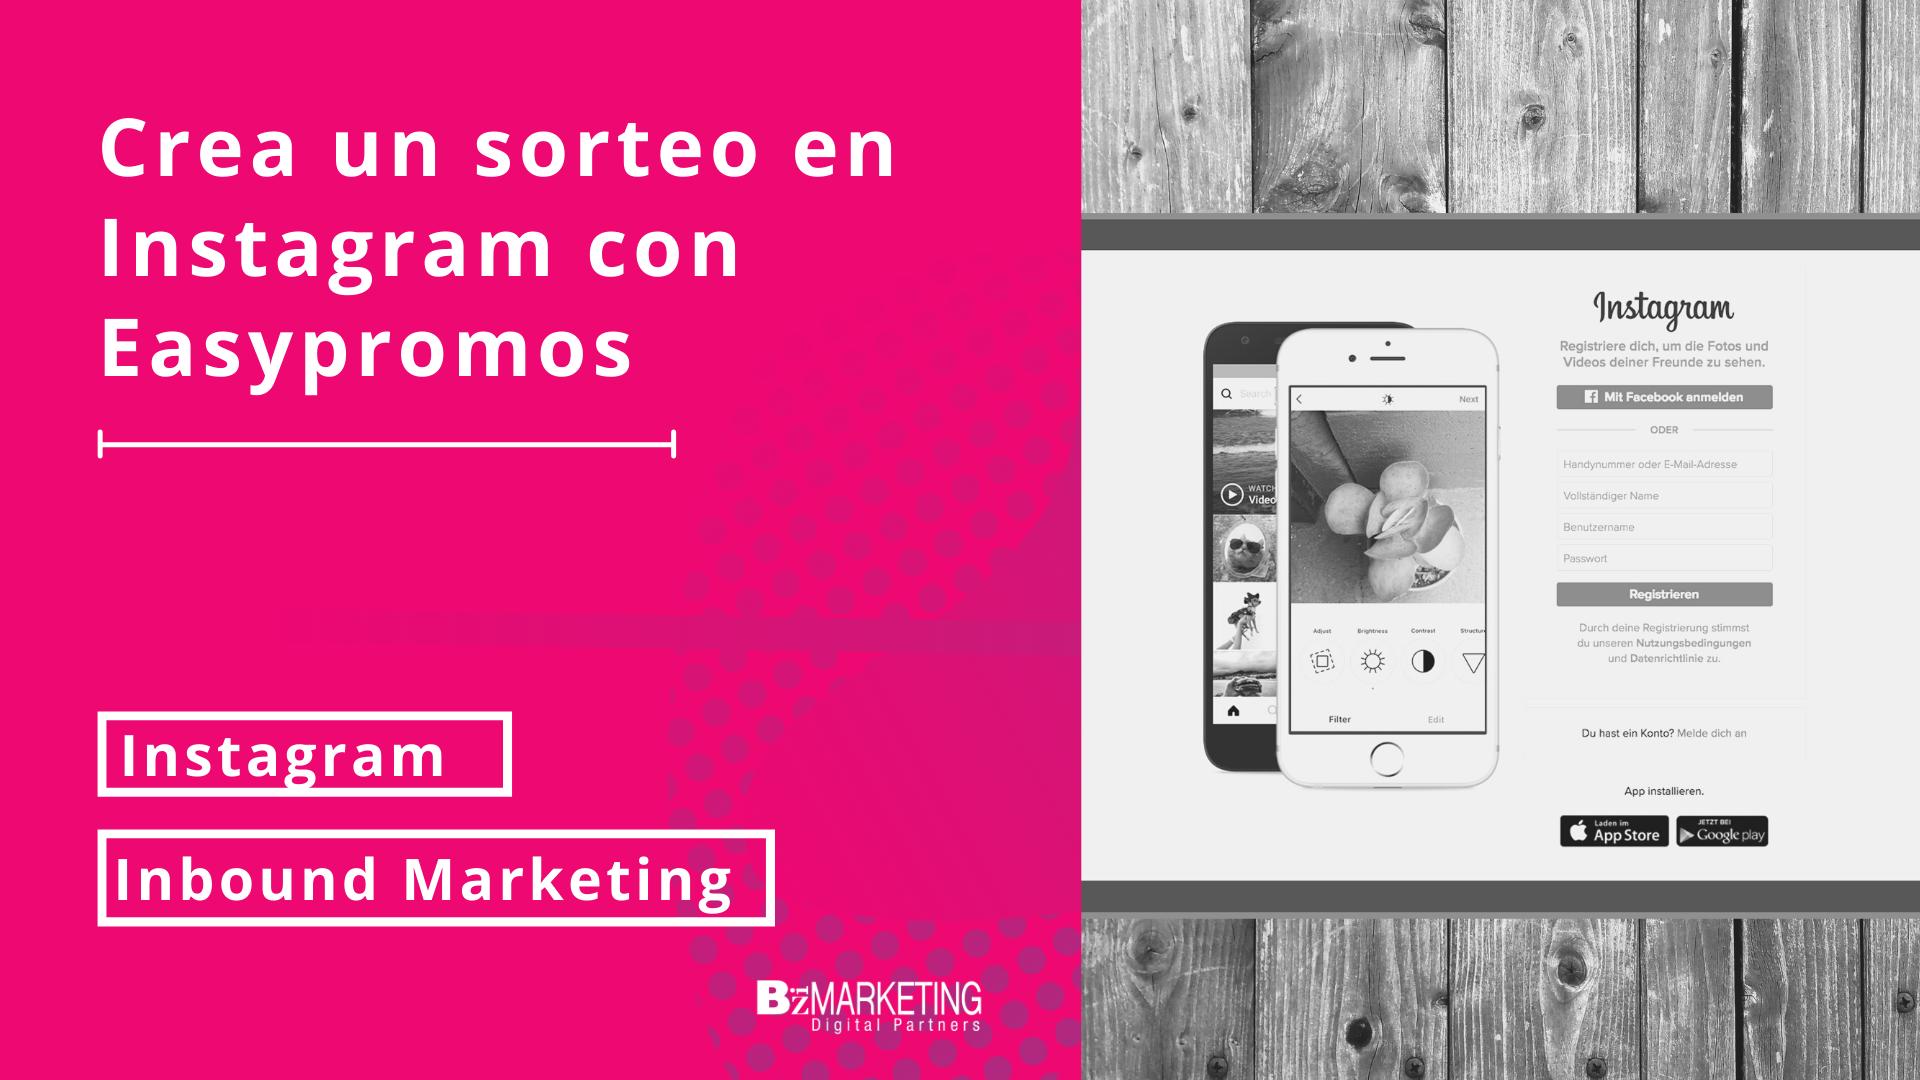 Crear un sorteo en Instagram con easypromos BizMarketing